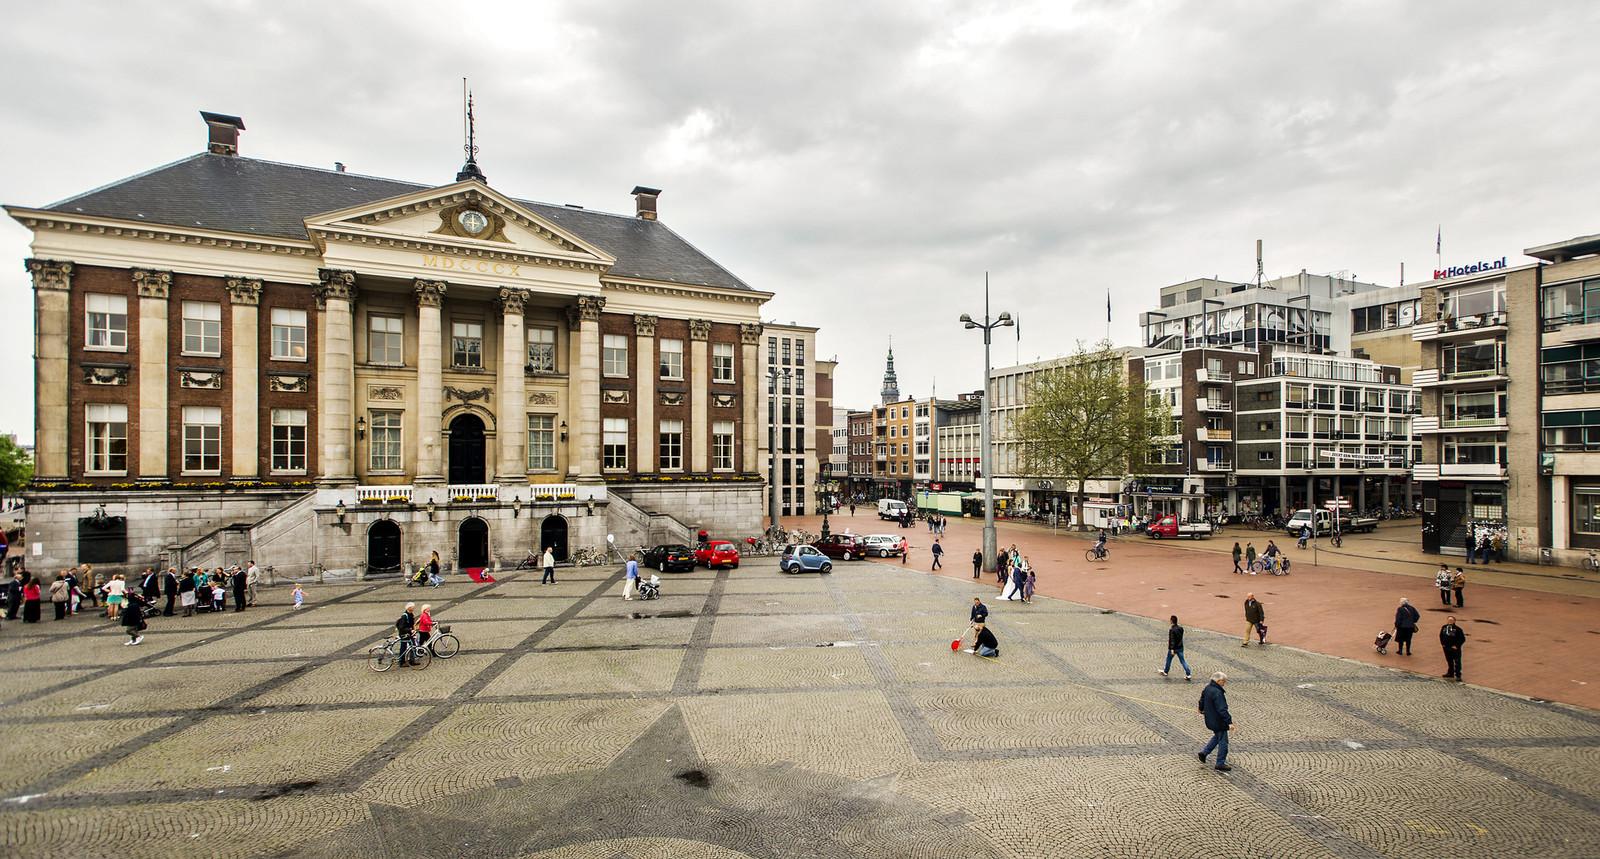 Het stadhuis in Groningen